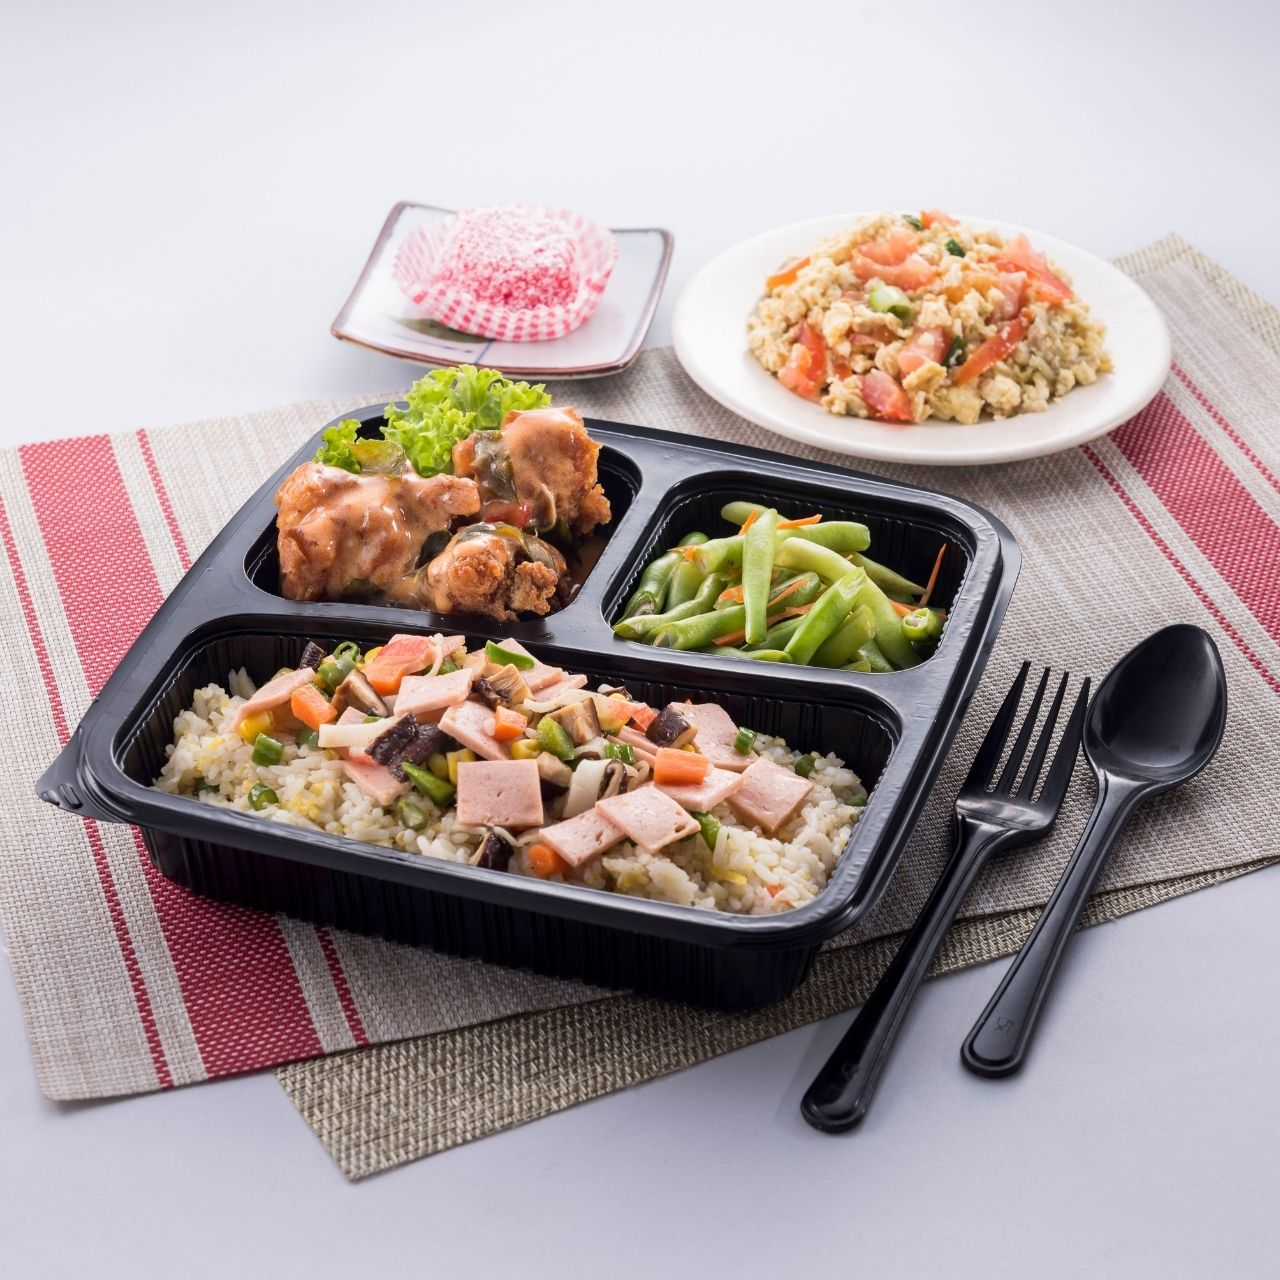 runningmen catering bento box 8 treasure fried rice with mongolia chicken